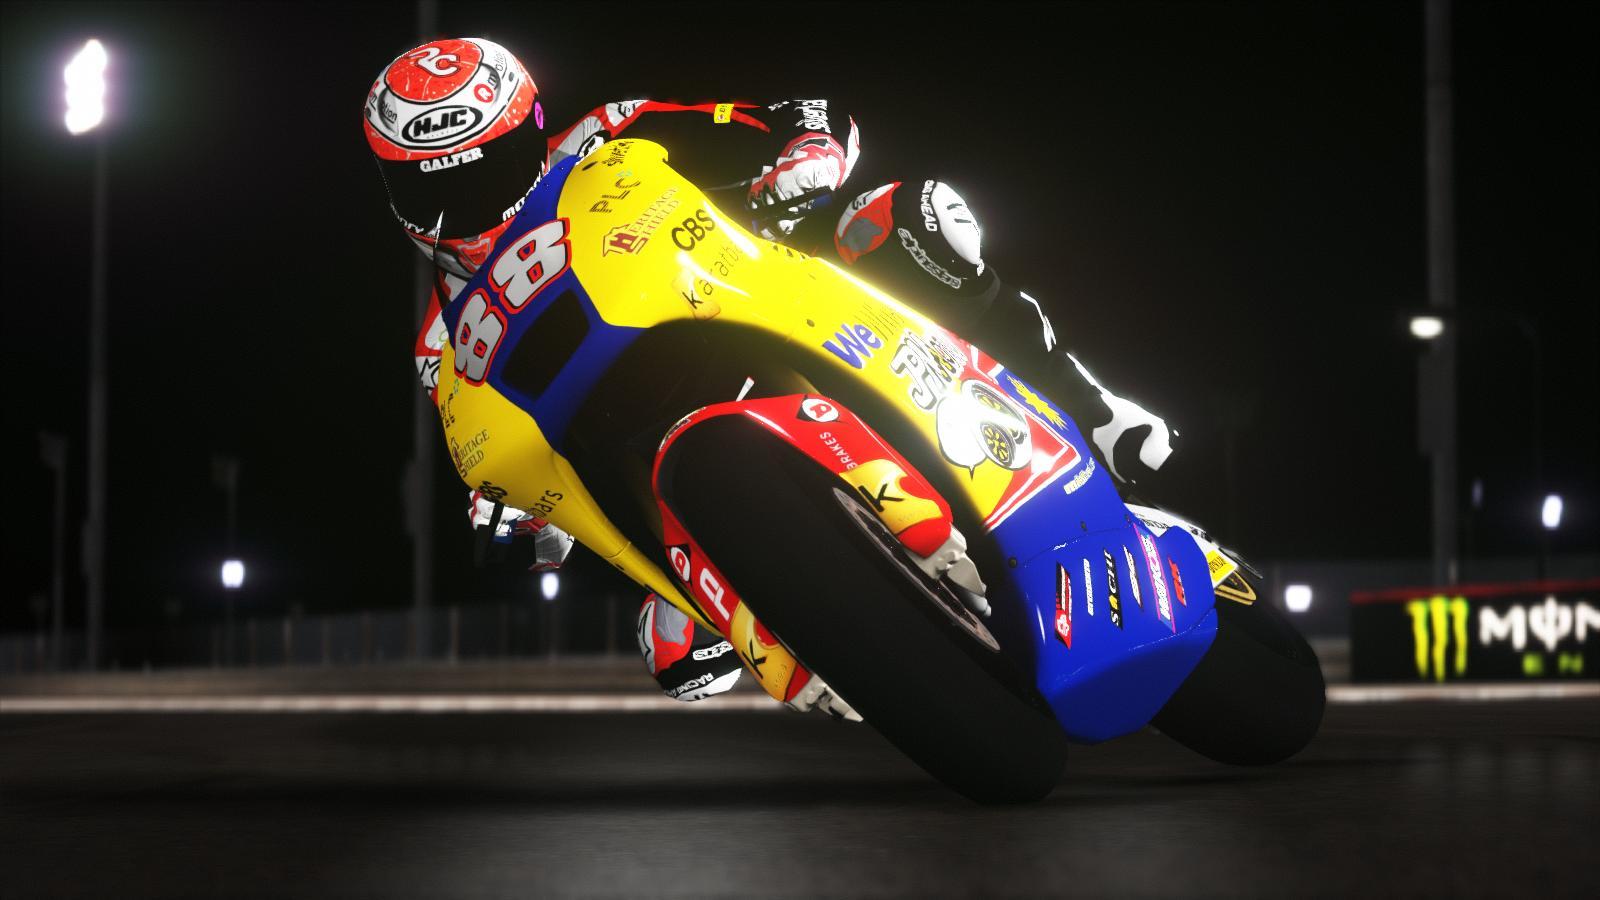 MotoGP15X64 2016-03-08 14-17-51-32.jpg